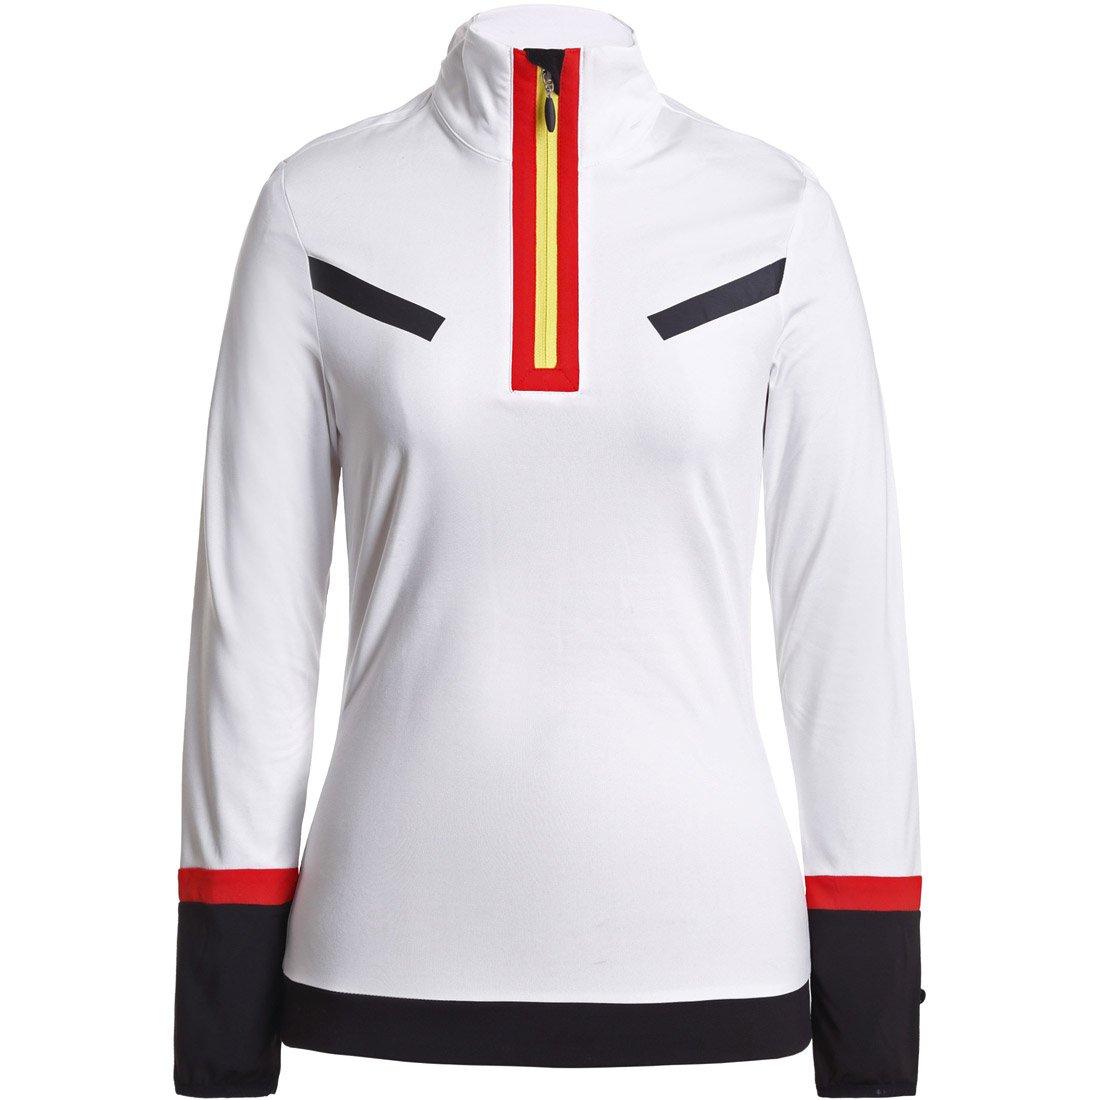 חולצת מיקרופליס לנשים - Evah - Icepeak